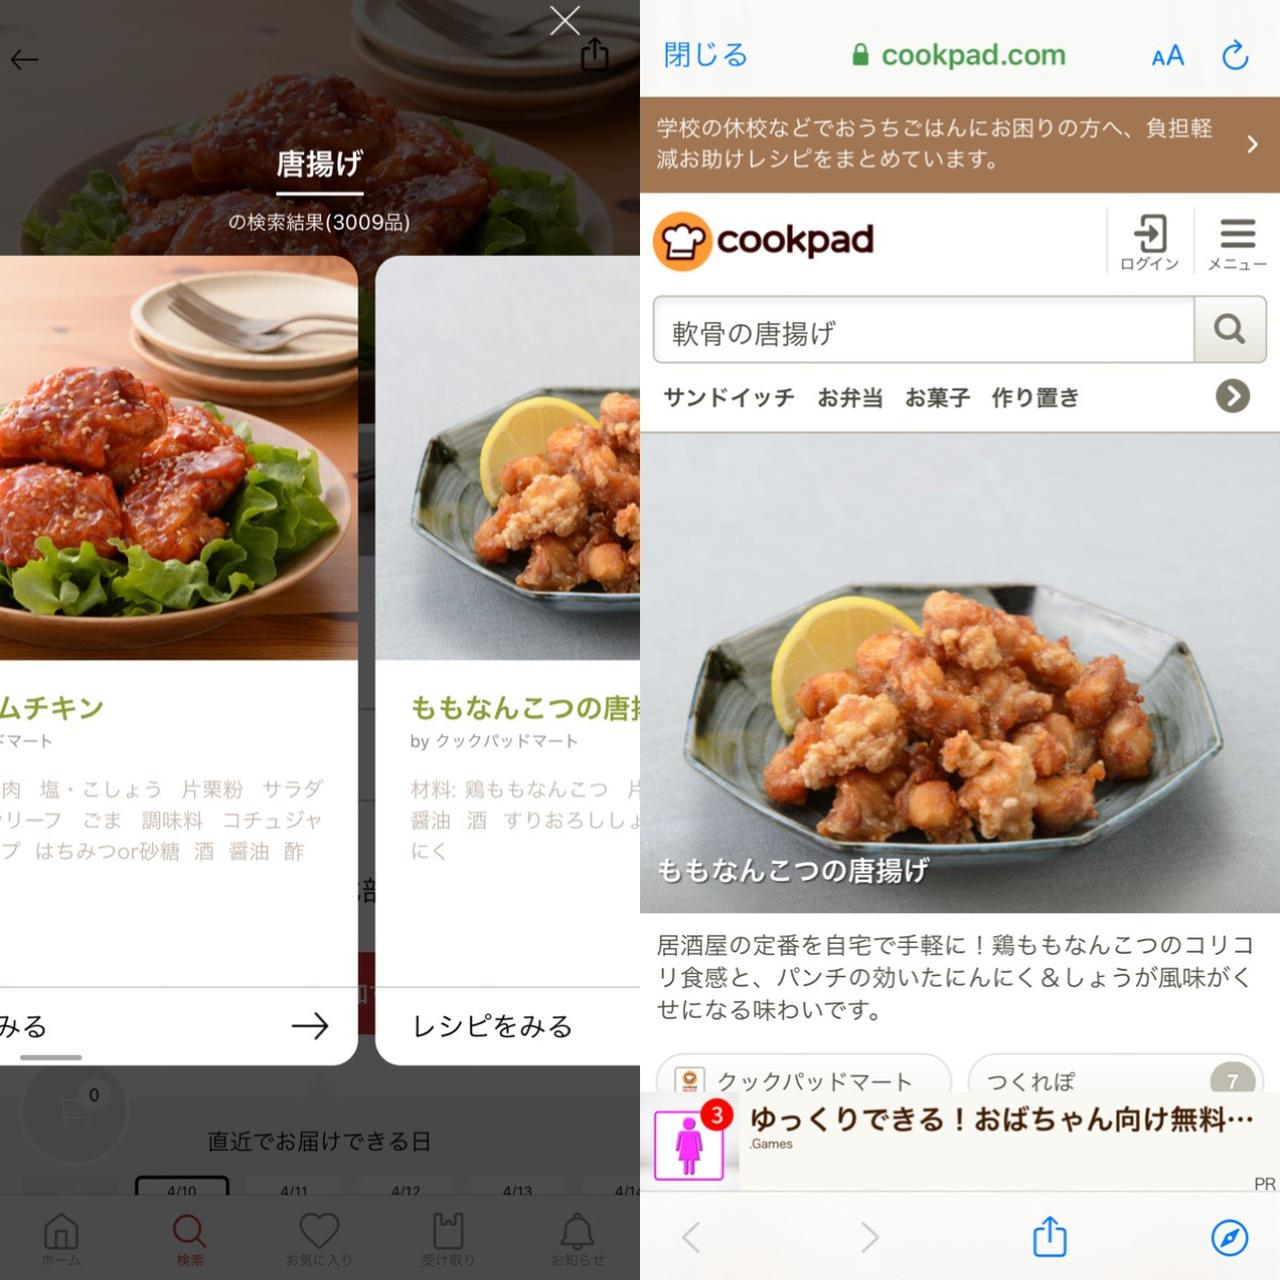 画像3: まずは試しに、と鶏肉を買ってみました。普通にネットで買い物する感覚。